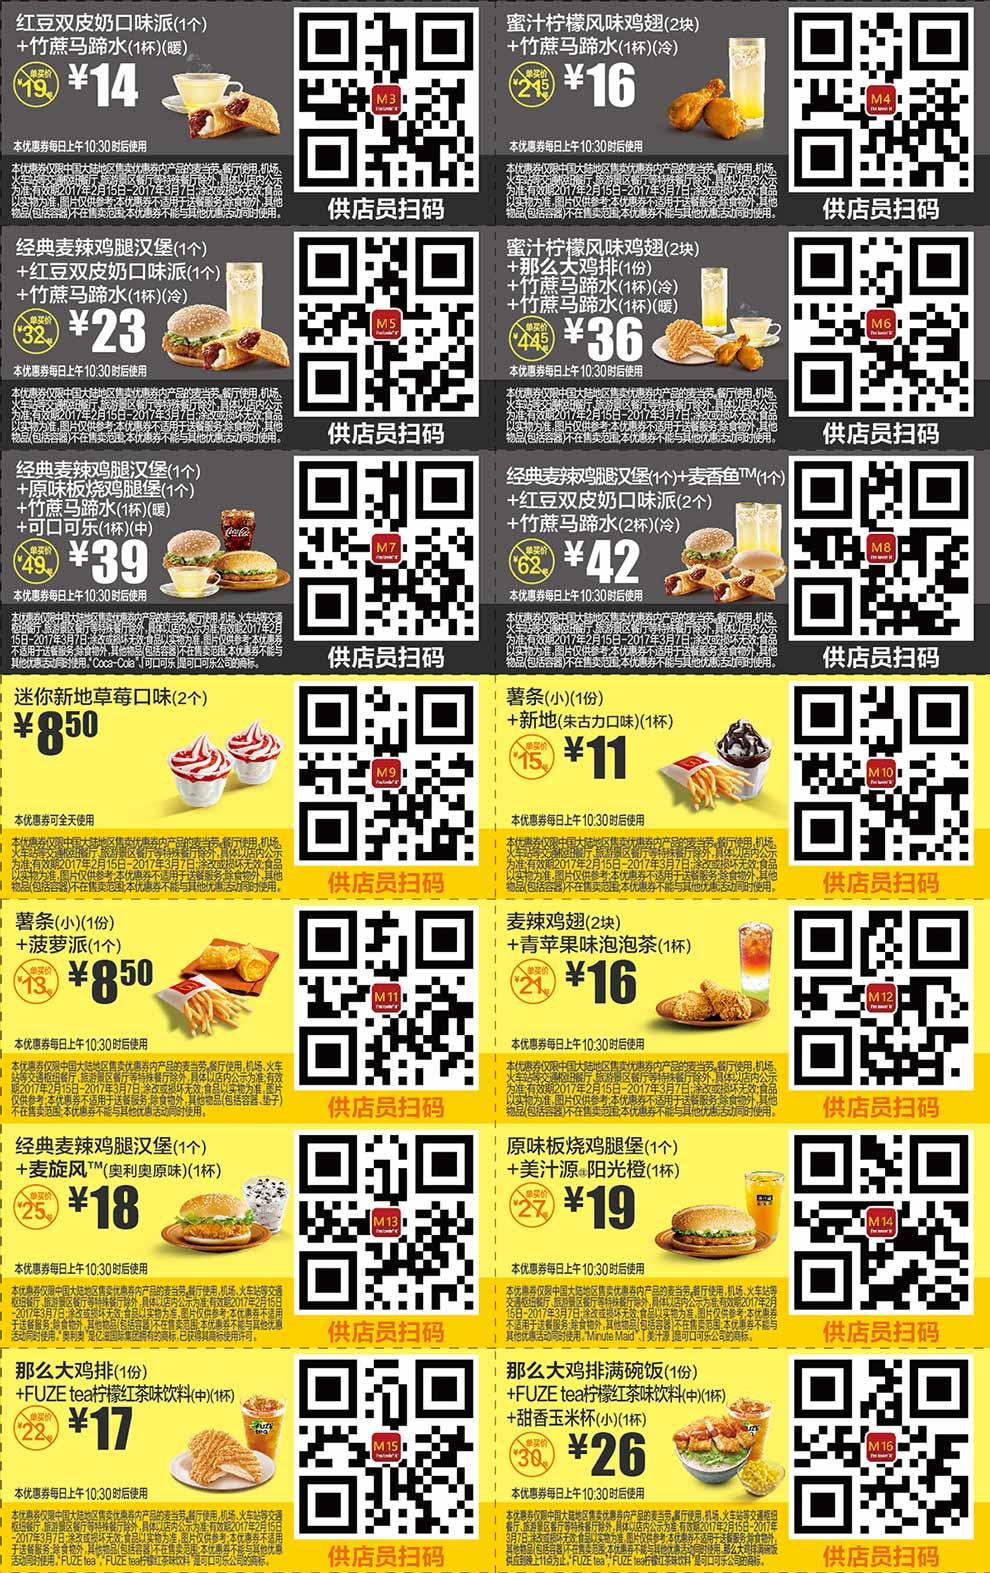 麦当劳优惠券2017年2月3月手机版整张版本,手机出示享优惠,有效期自2017年02月15日到2017年03月07日